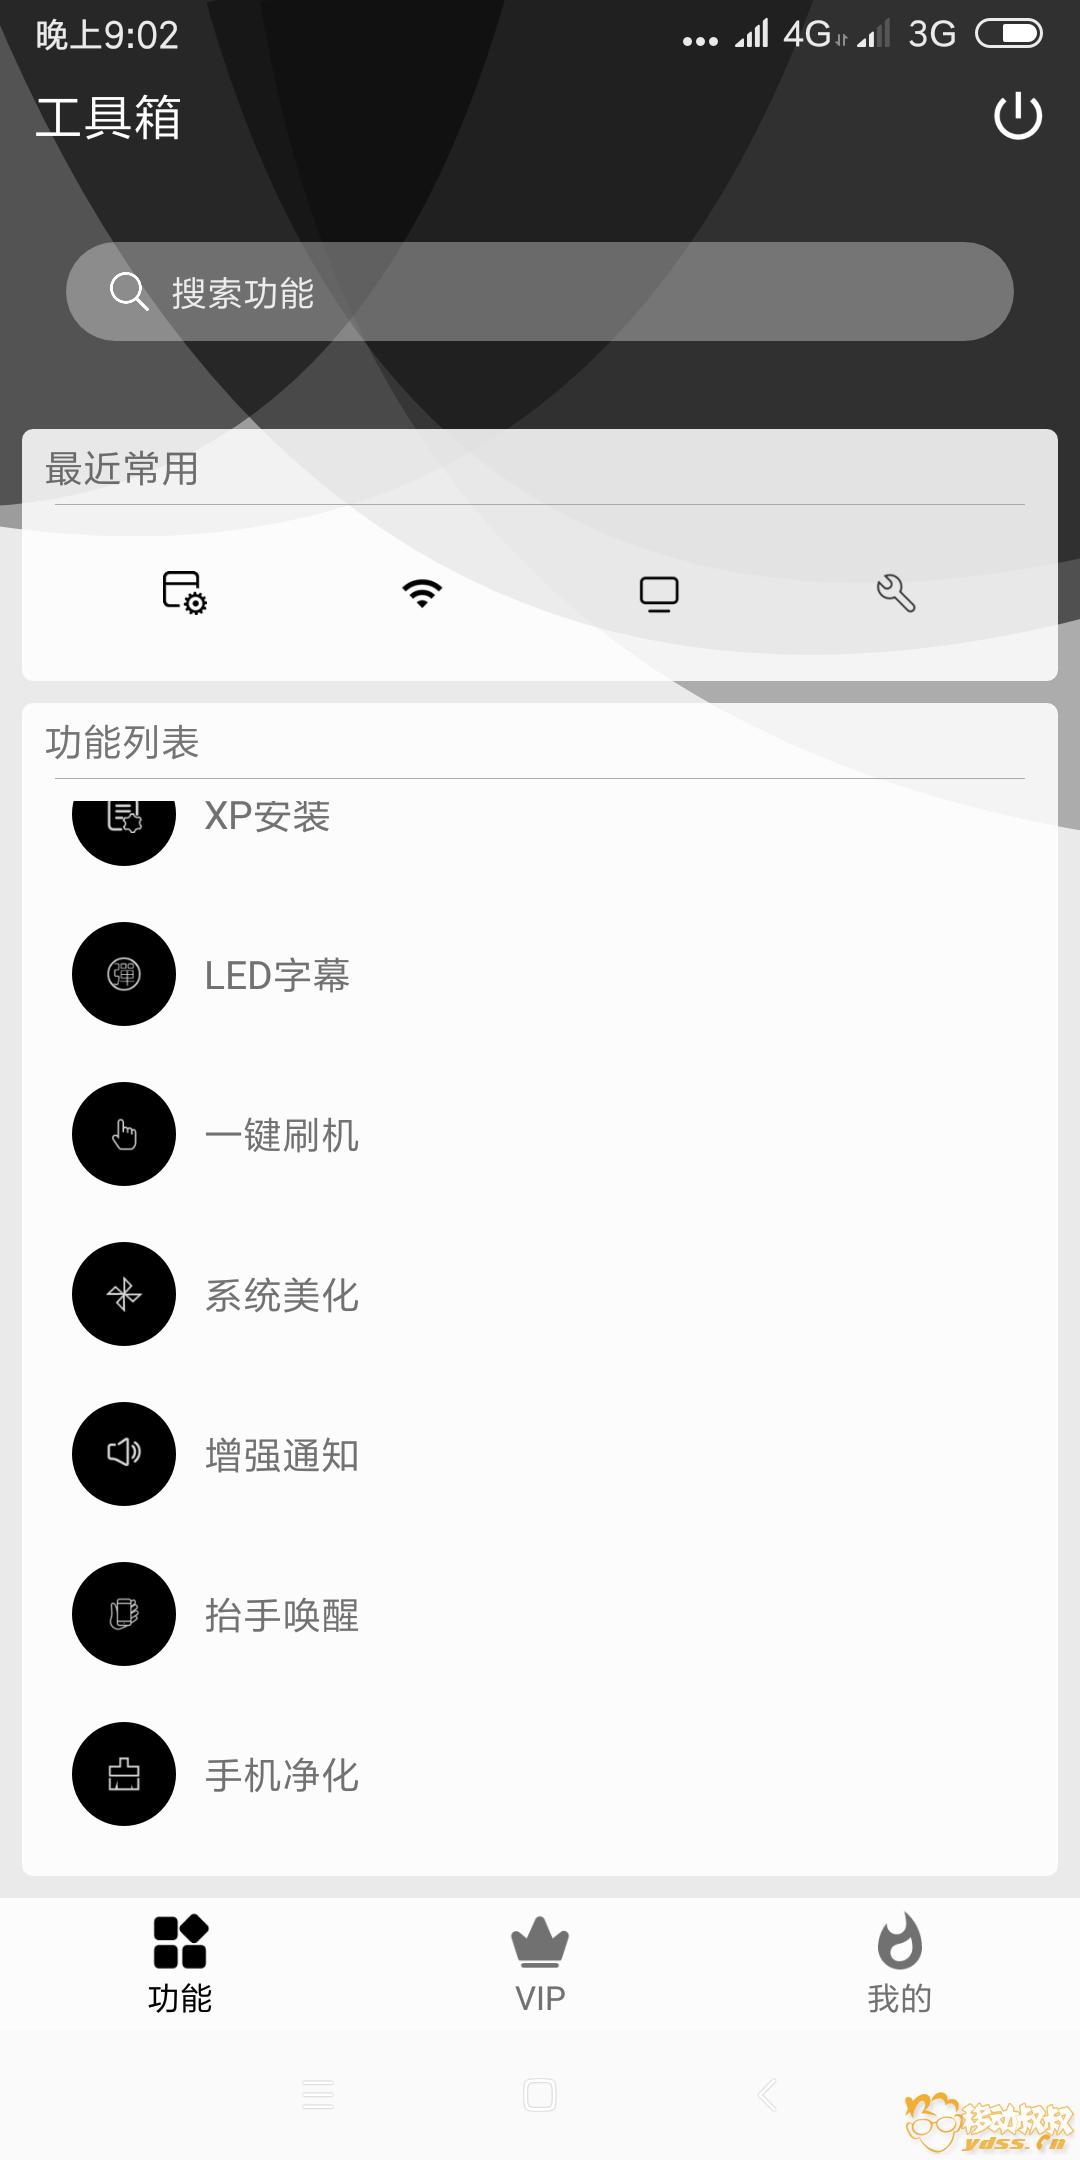 Screenshot_2018-06-02-21-02-51-327_com.grimos.tools.png